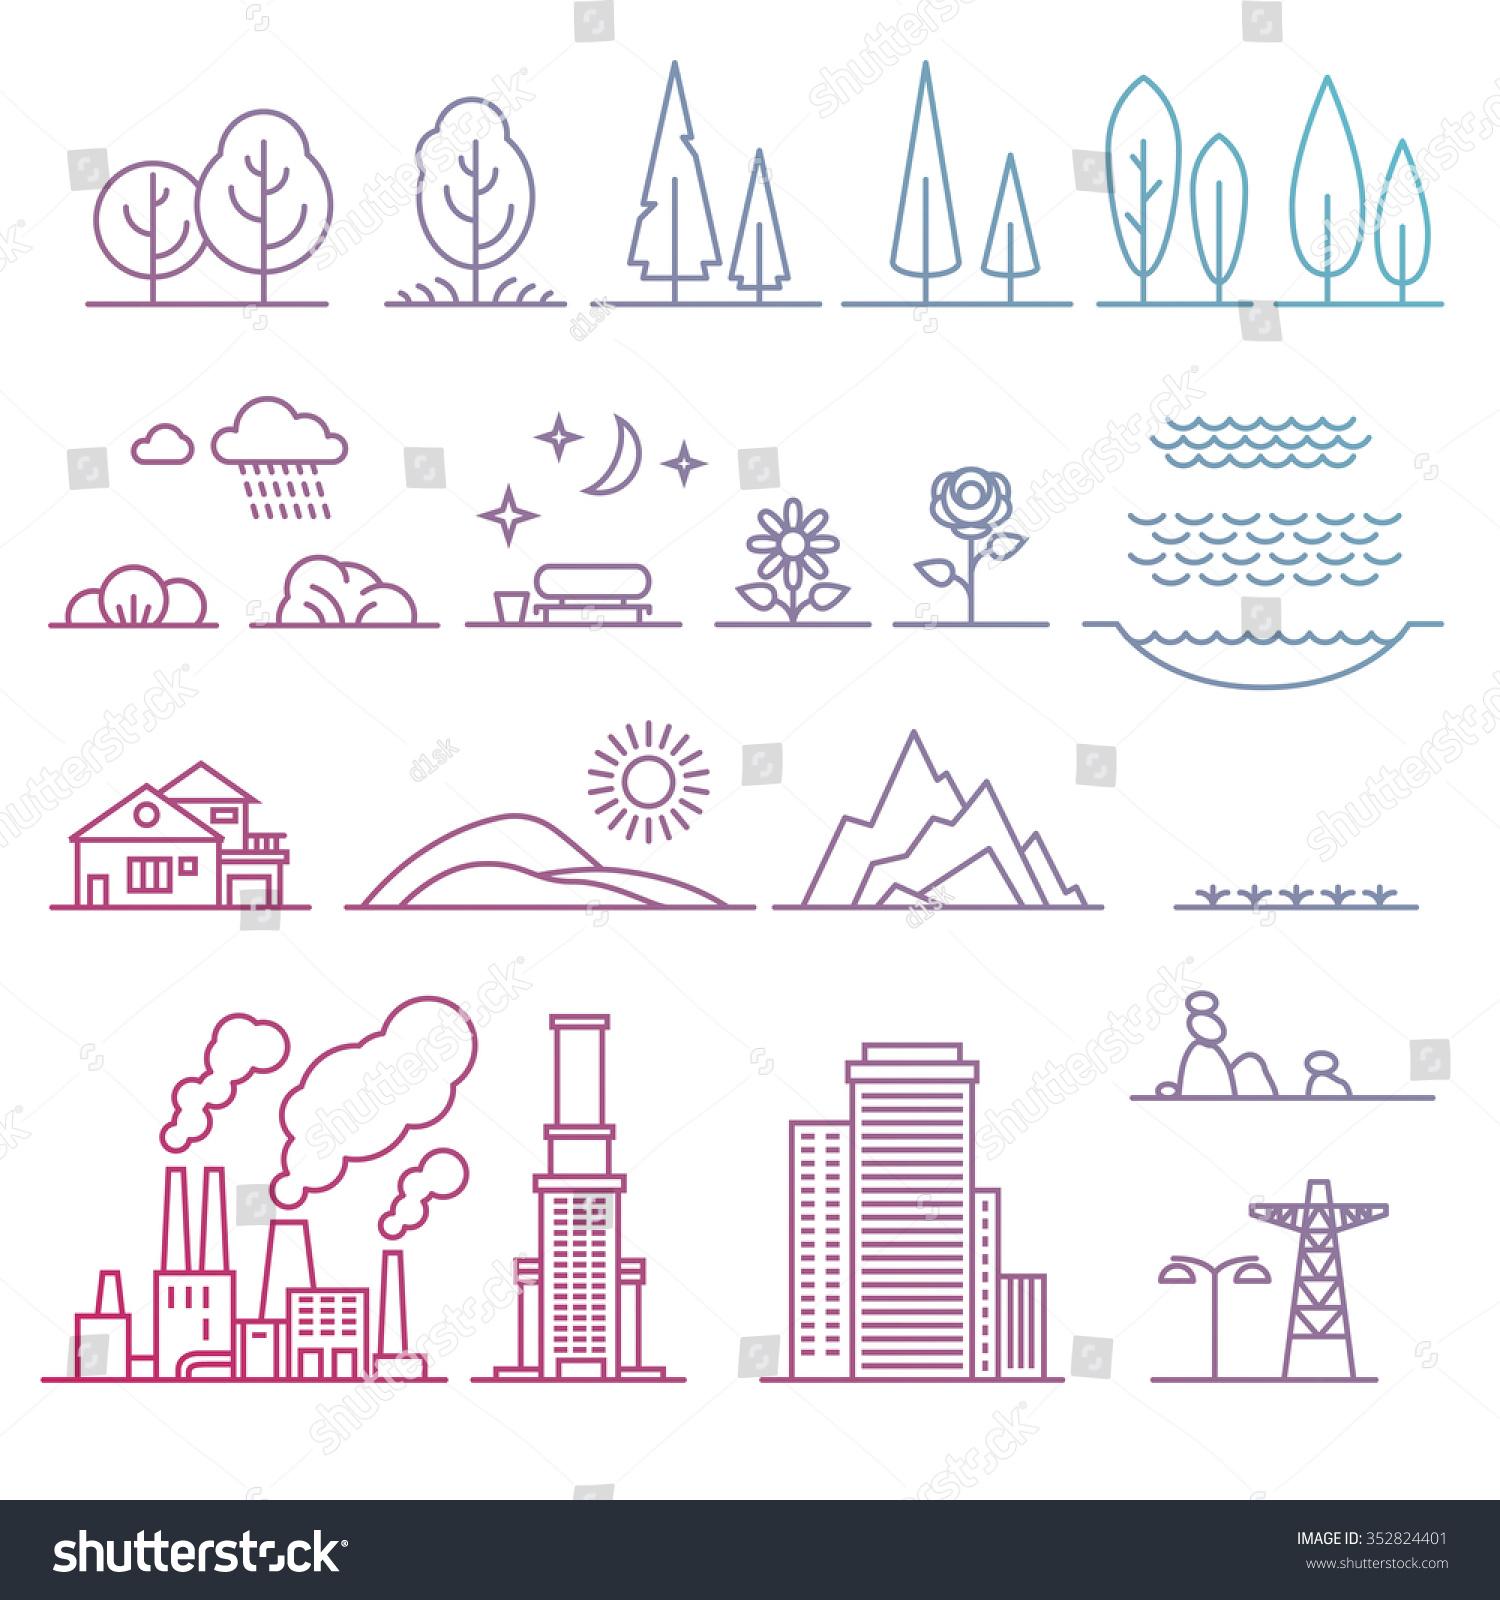 Landscape design elements stock vector illustration for Garden design elements